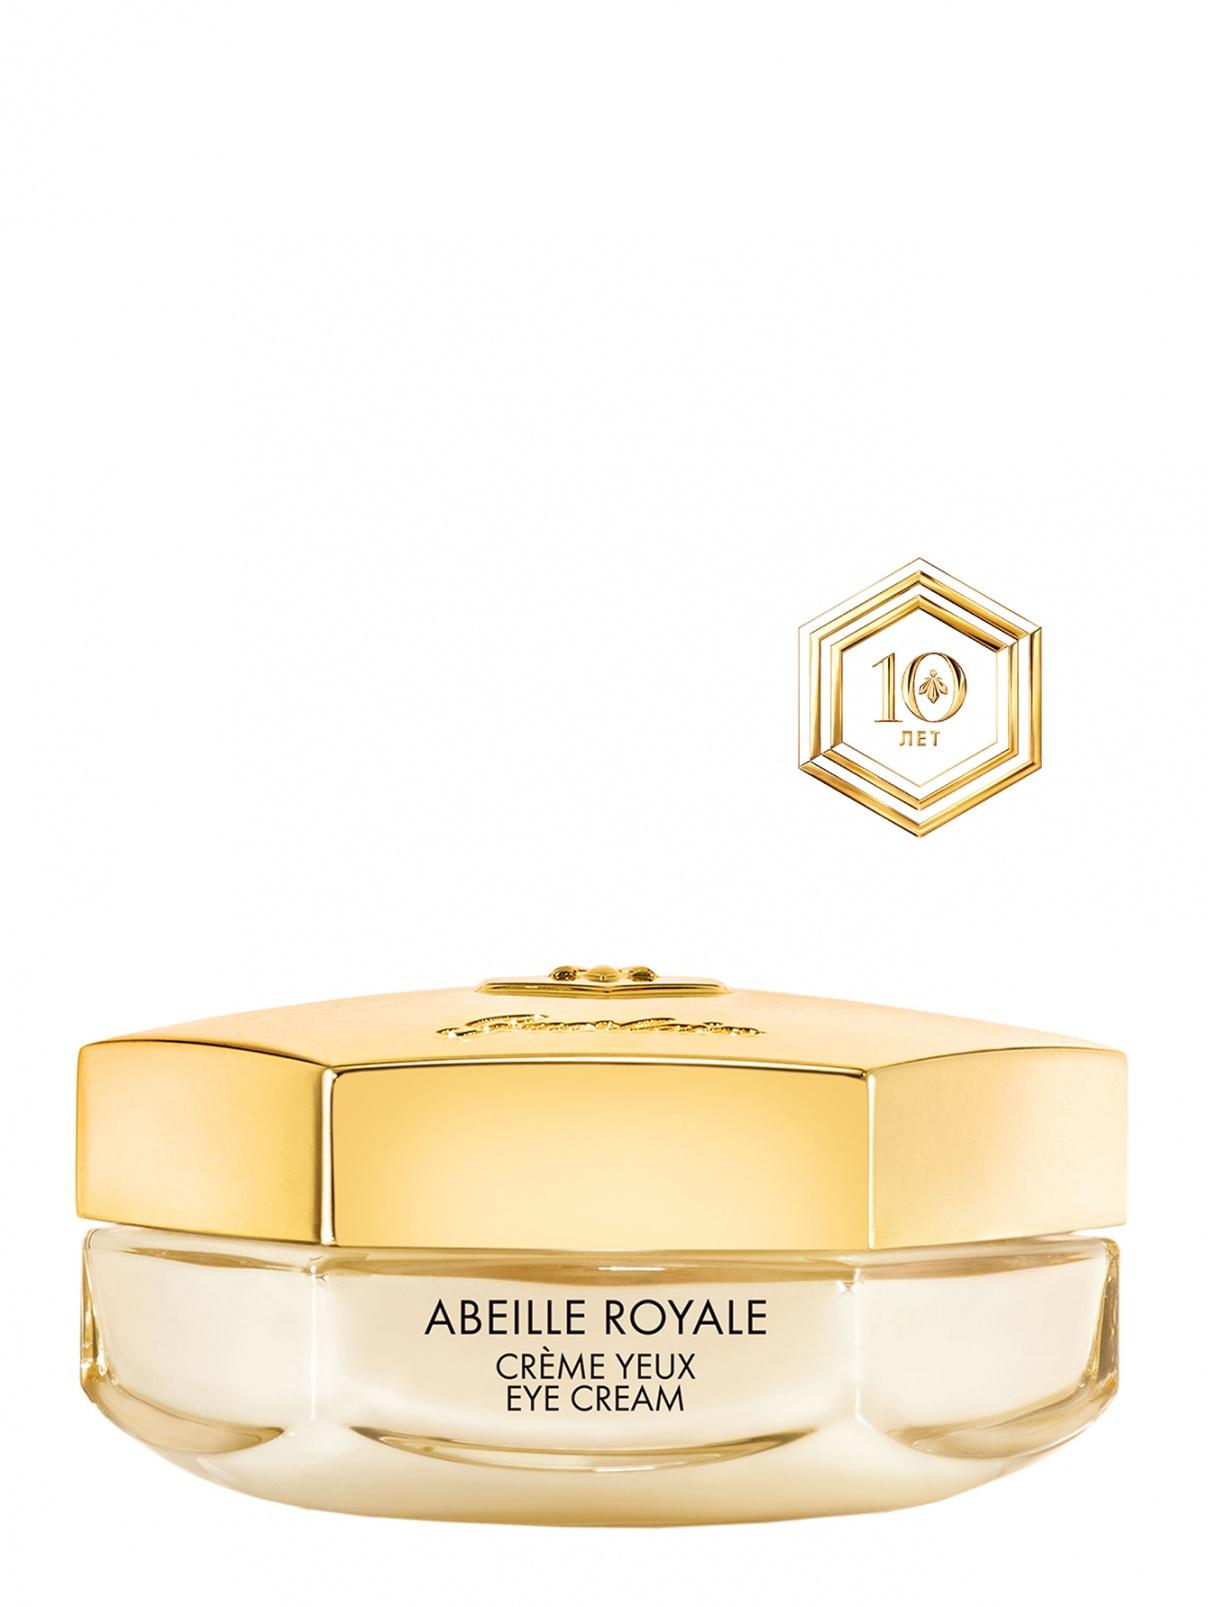 Восстанавливающий крем для кожи вокруг глаз ABEILLE ROYALE, 15 мл Guerlain  –  Общий вид